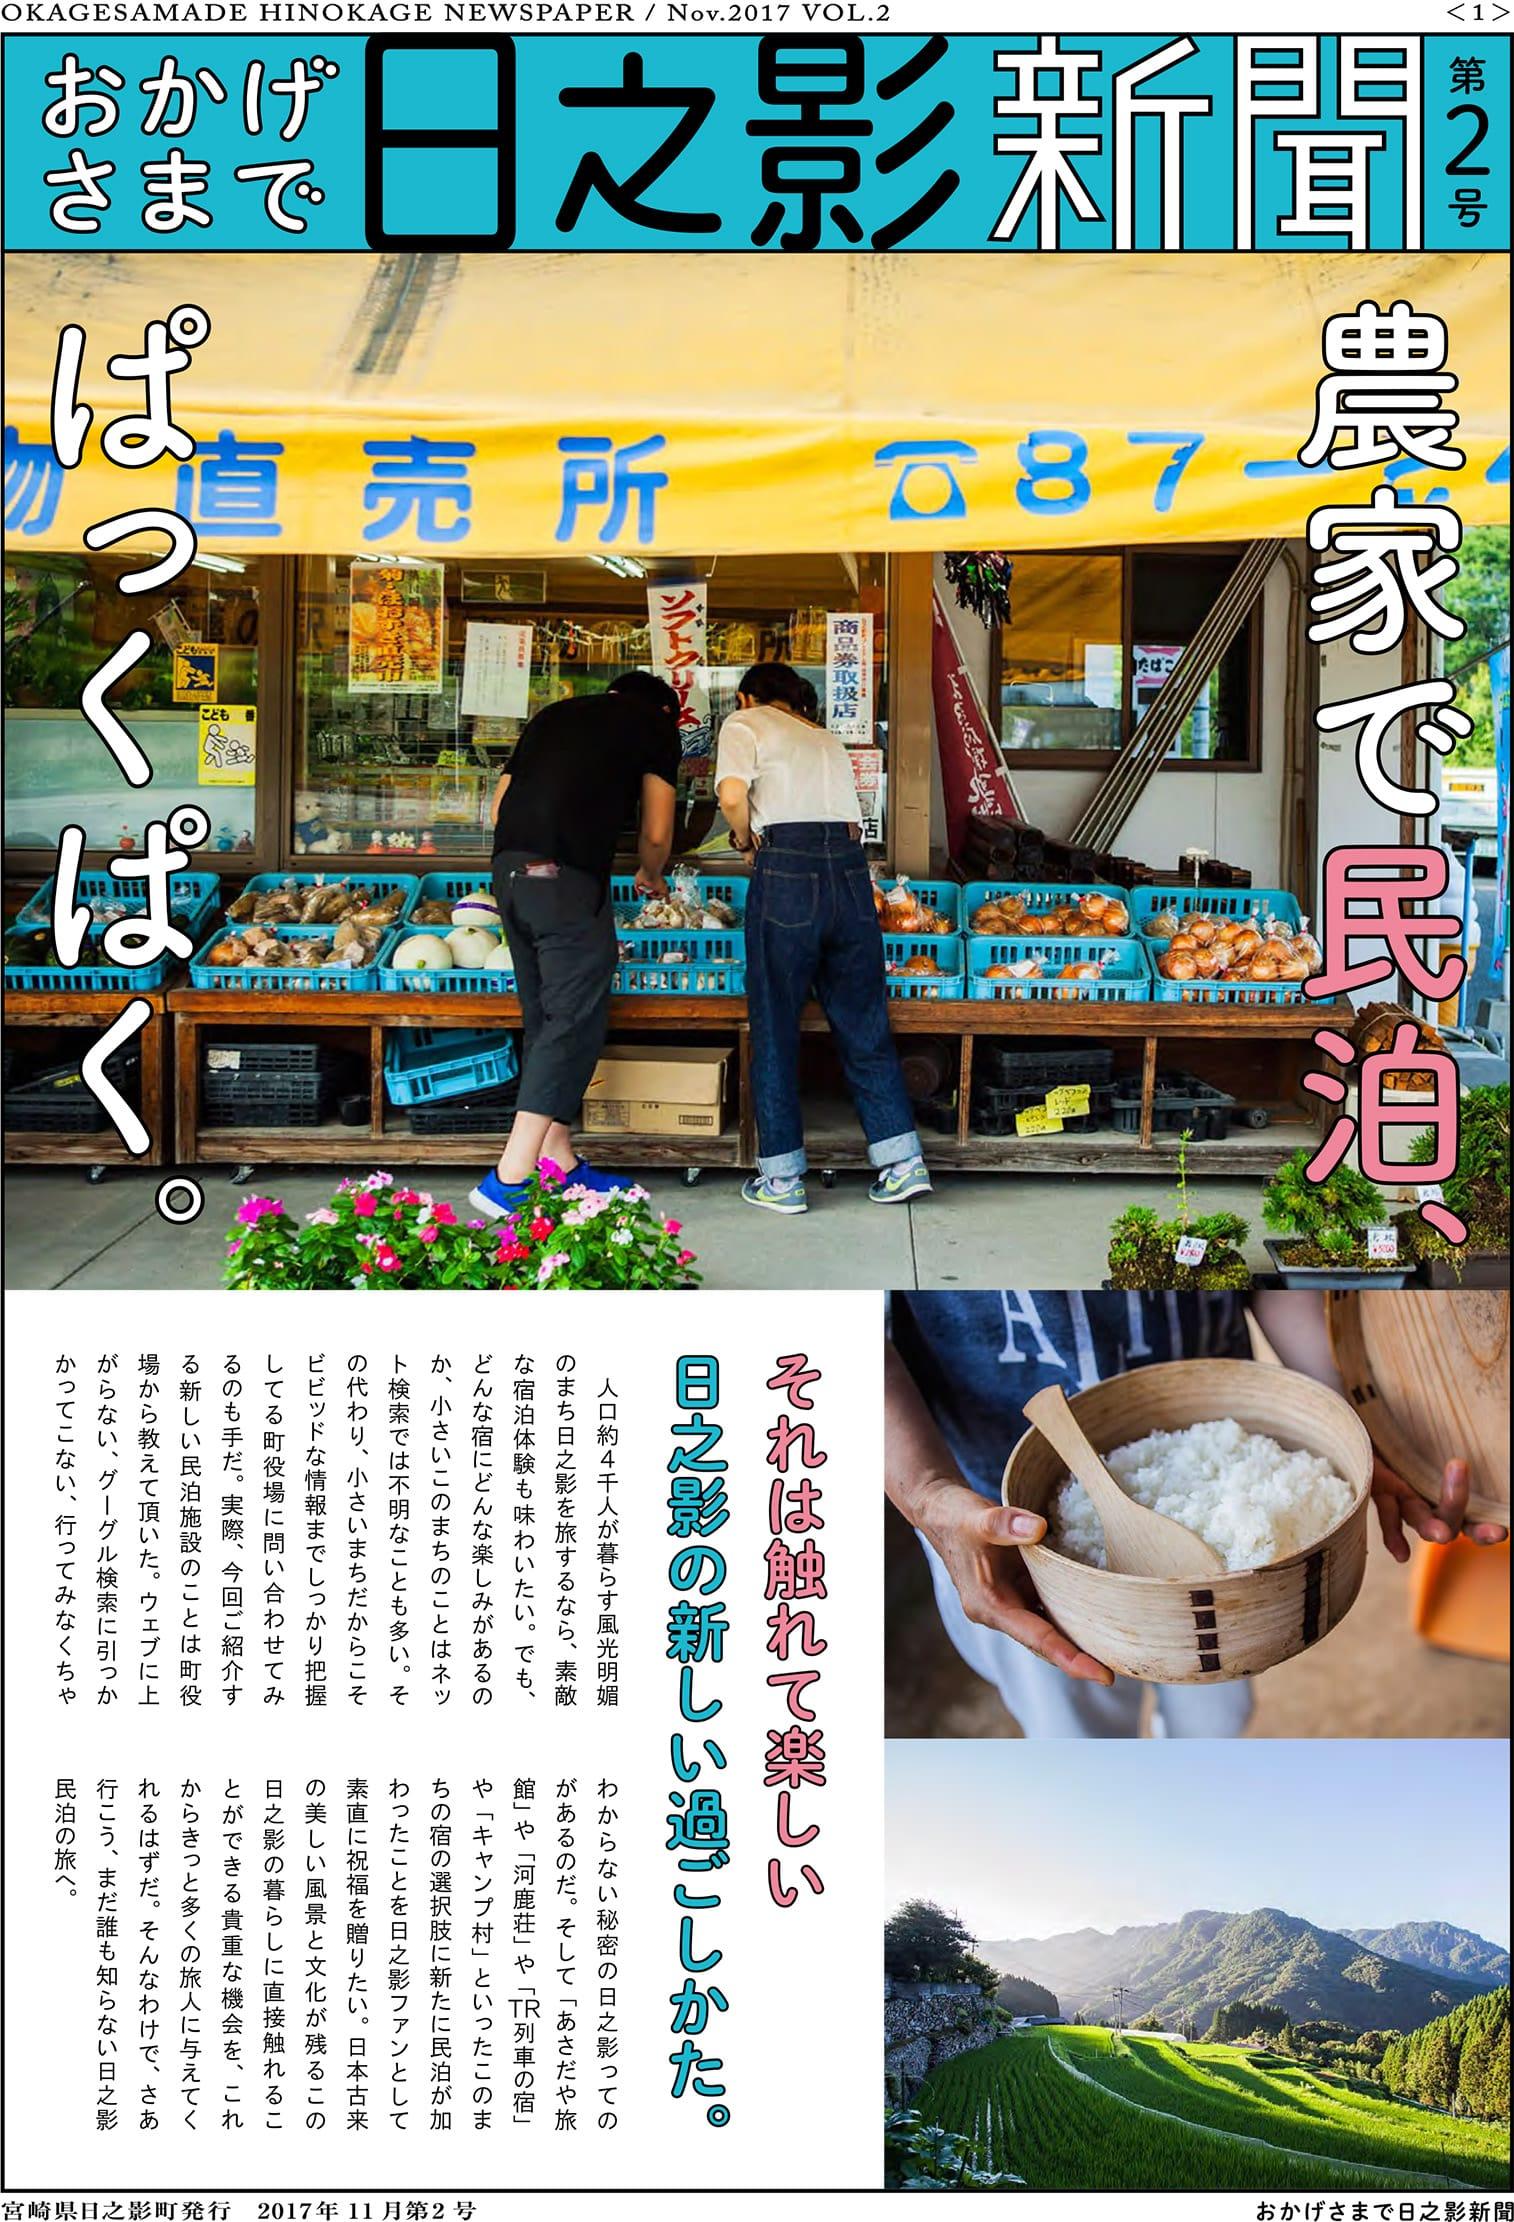 おかげさまで日之影新聞vol.02_1